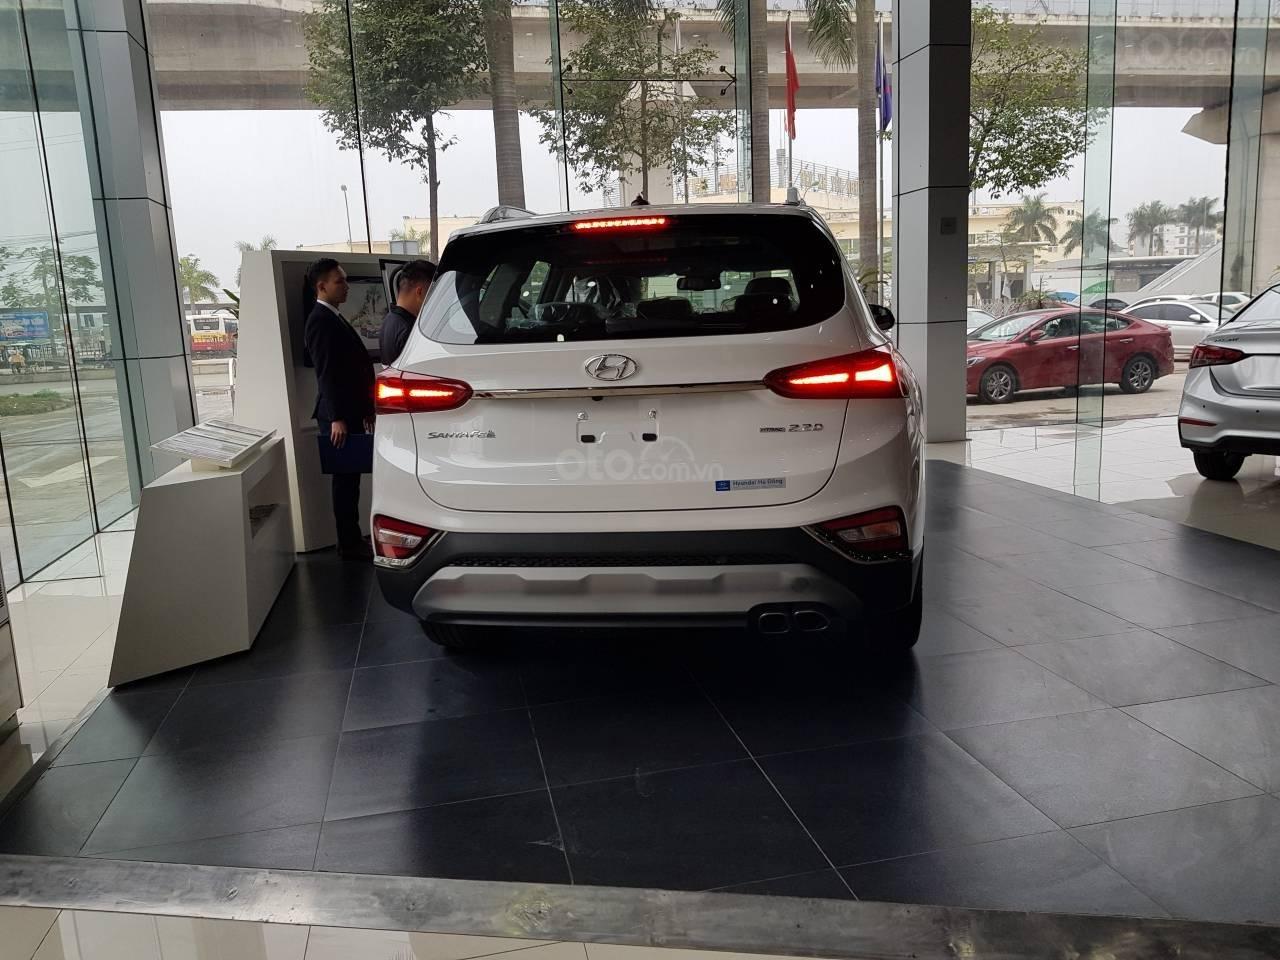 Hyundai Santa Fe 2019, giao xe ngay, khuyến mại cực cao, liên hệ ngay: 0981476777 để ép giá và nhận ưu đãi-4